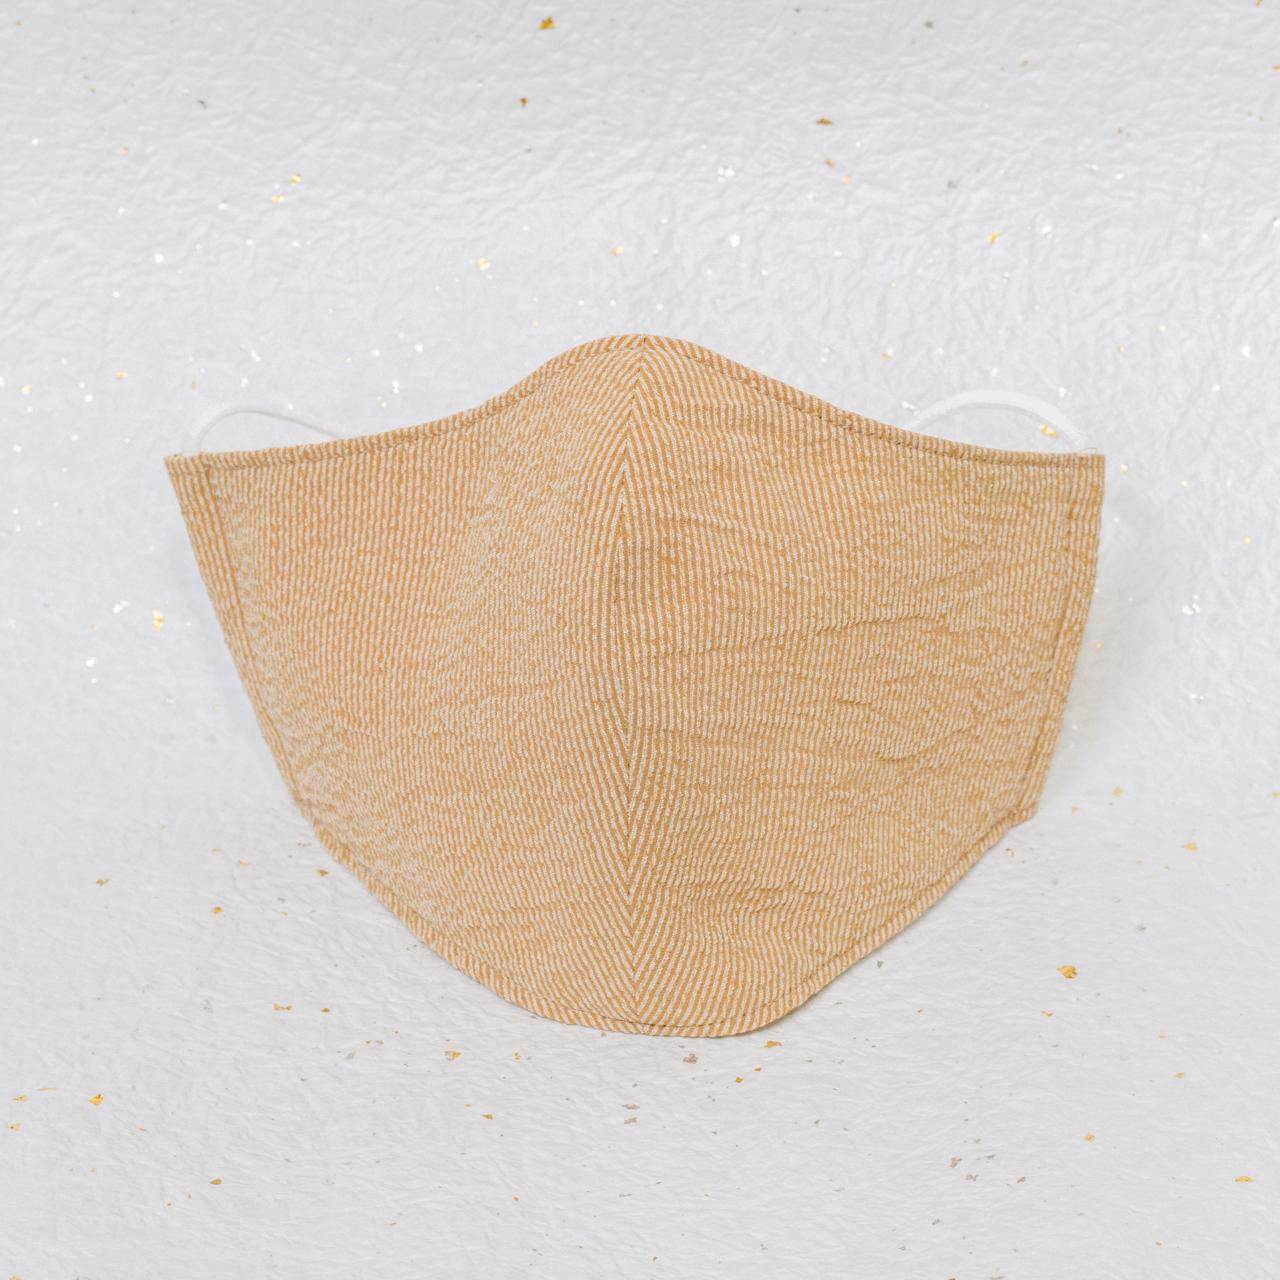 モダン和紙織りマスク クラシック オレンジ(橙)